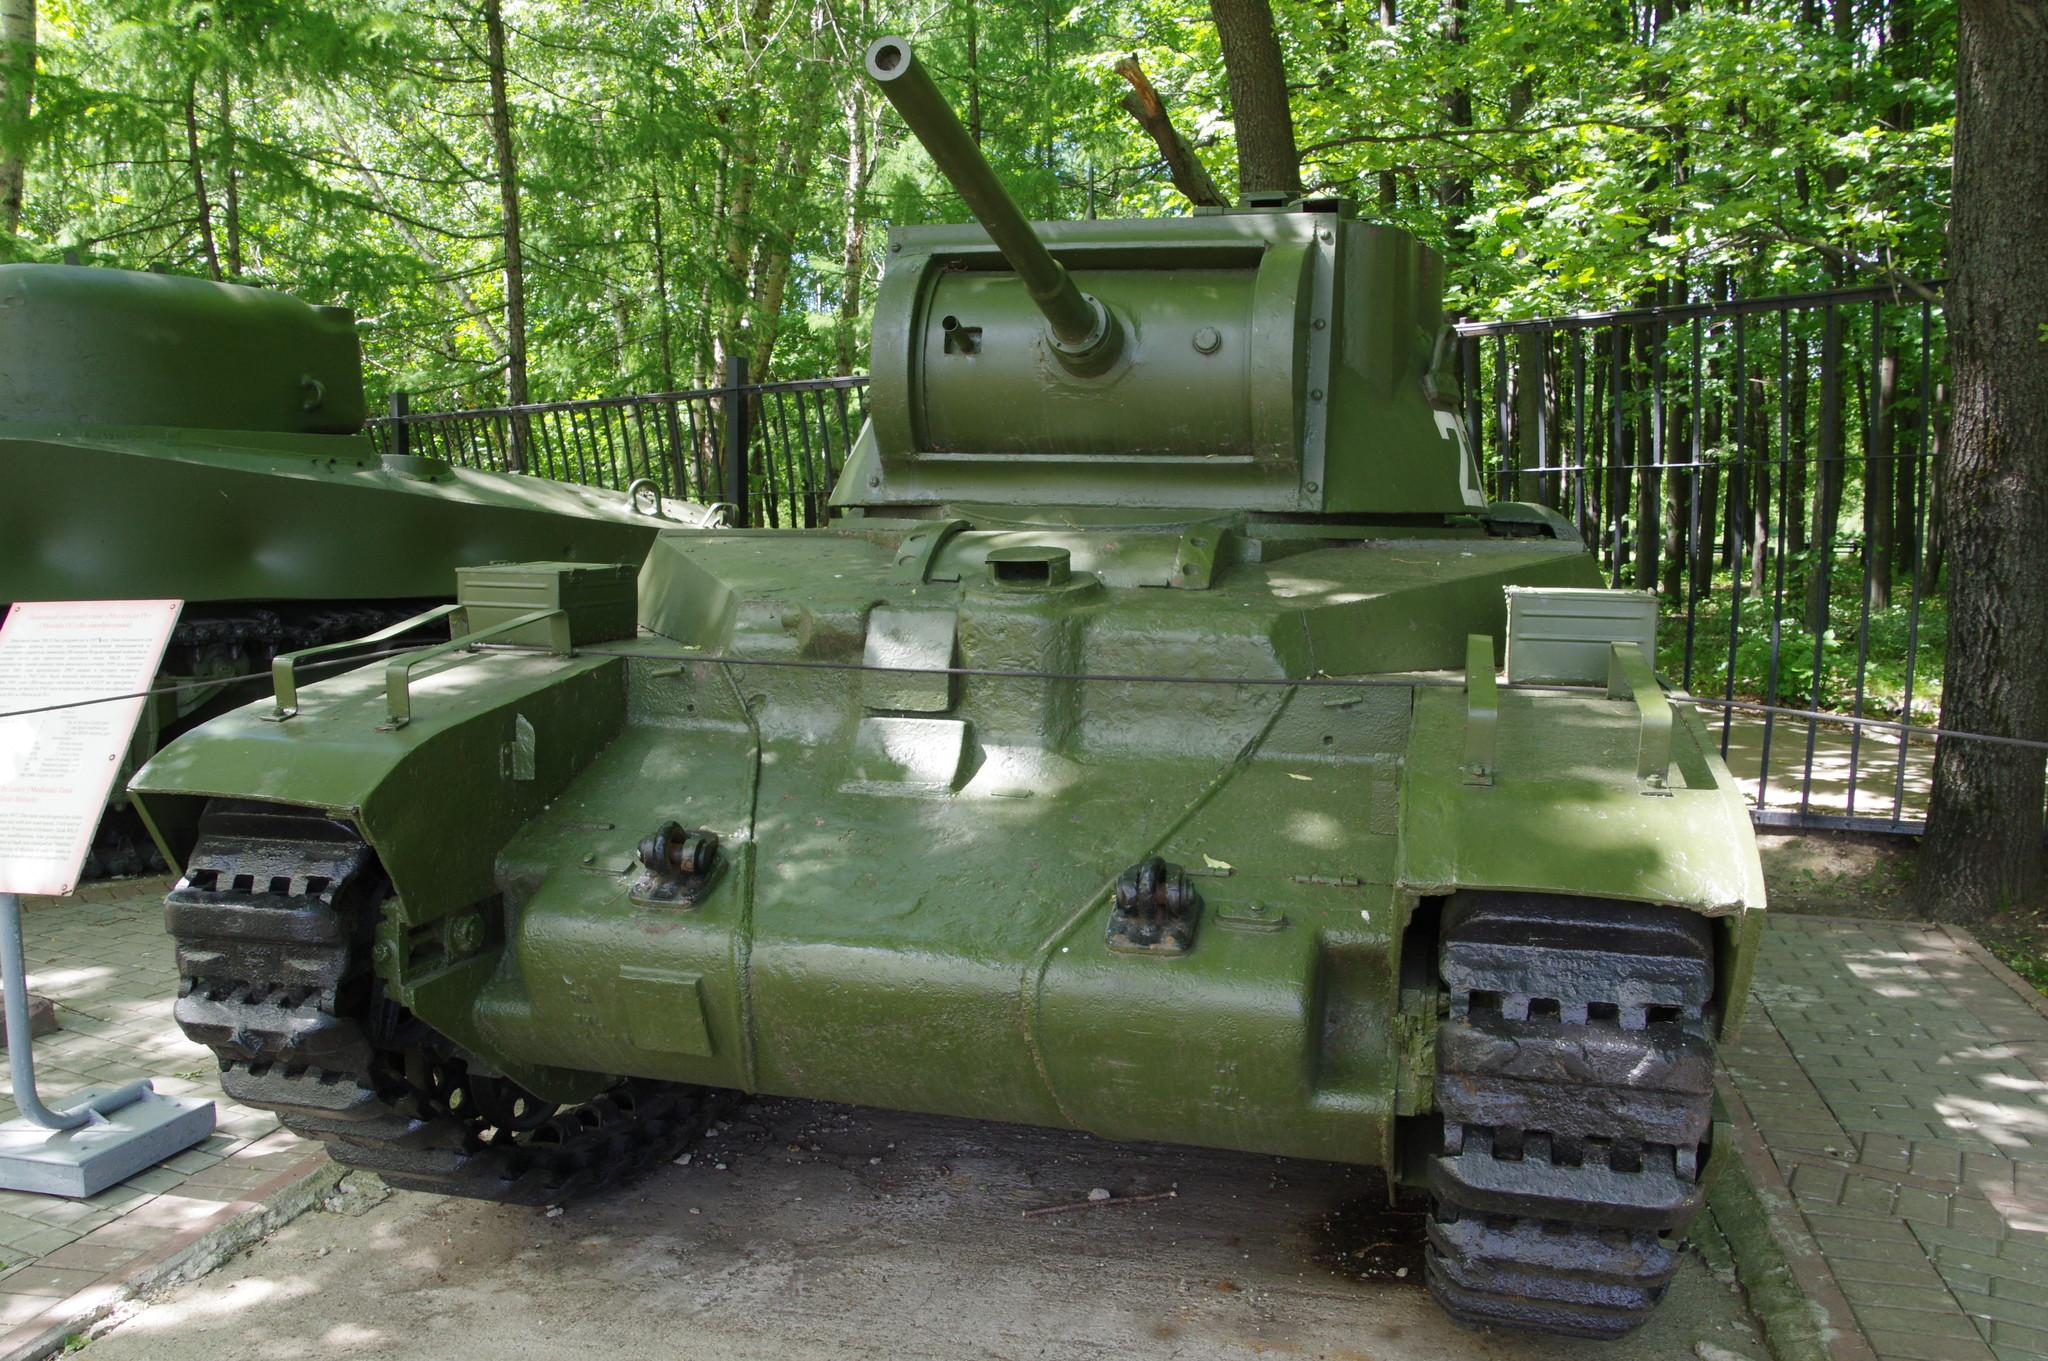 Пехотный танк «Матильда IV» в экспозиции Центрального музея Великой Отечественной войны 1941-1945 гг.